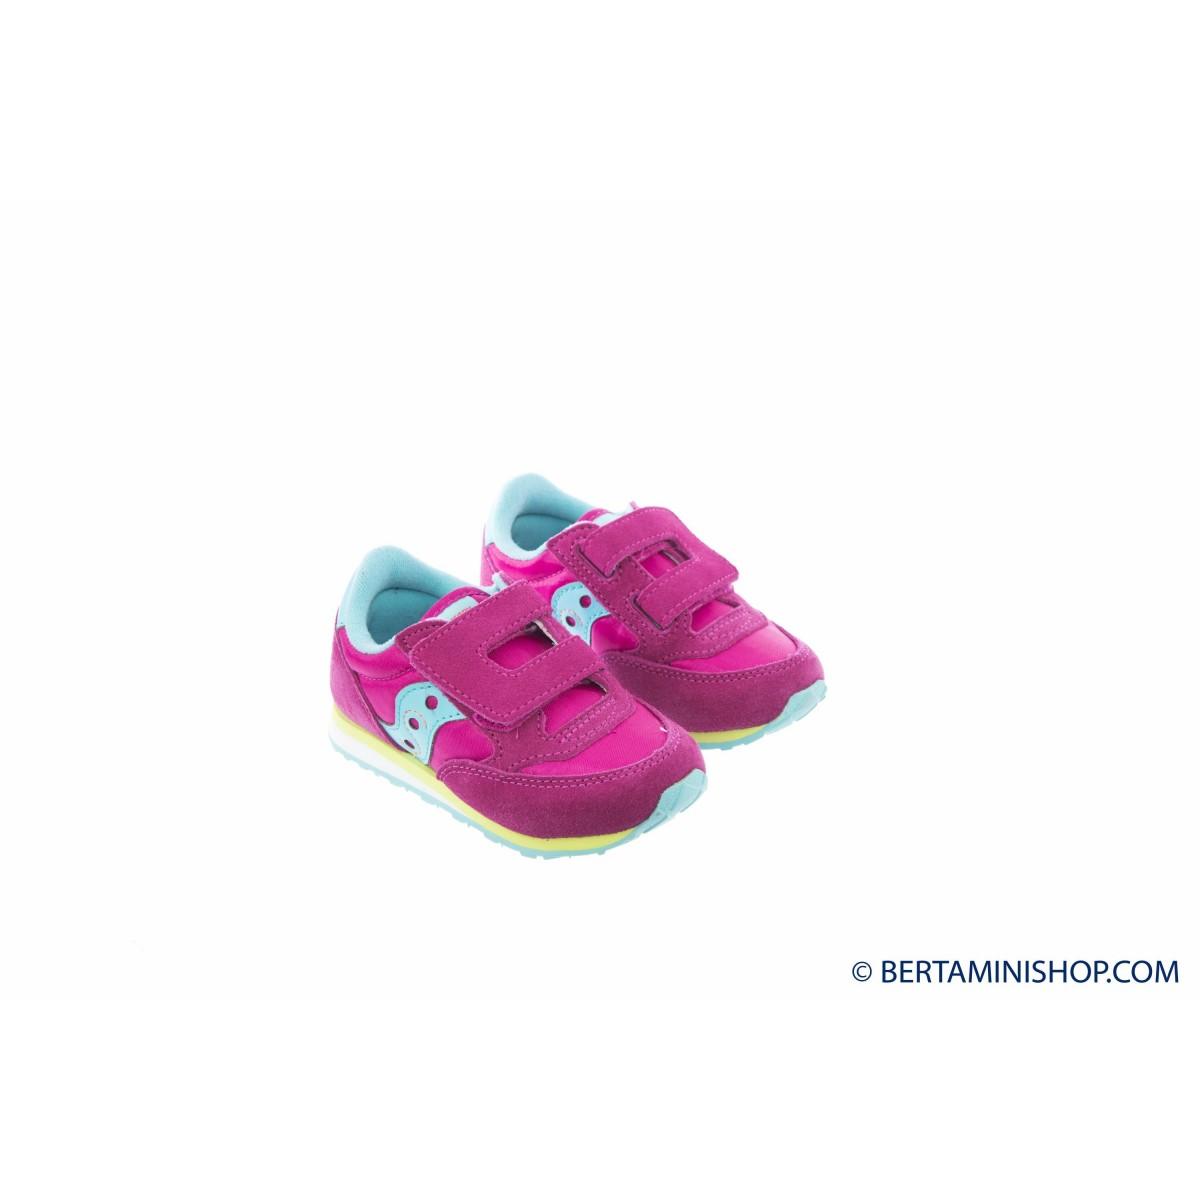 Schuhen Saucony Kid's- ST56022 Baby Girls